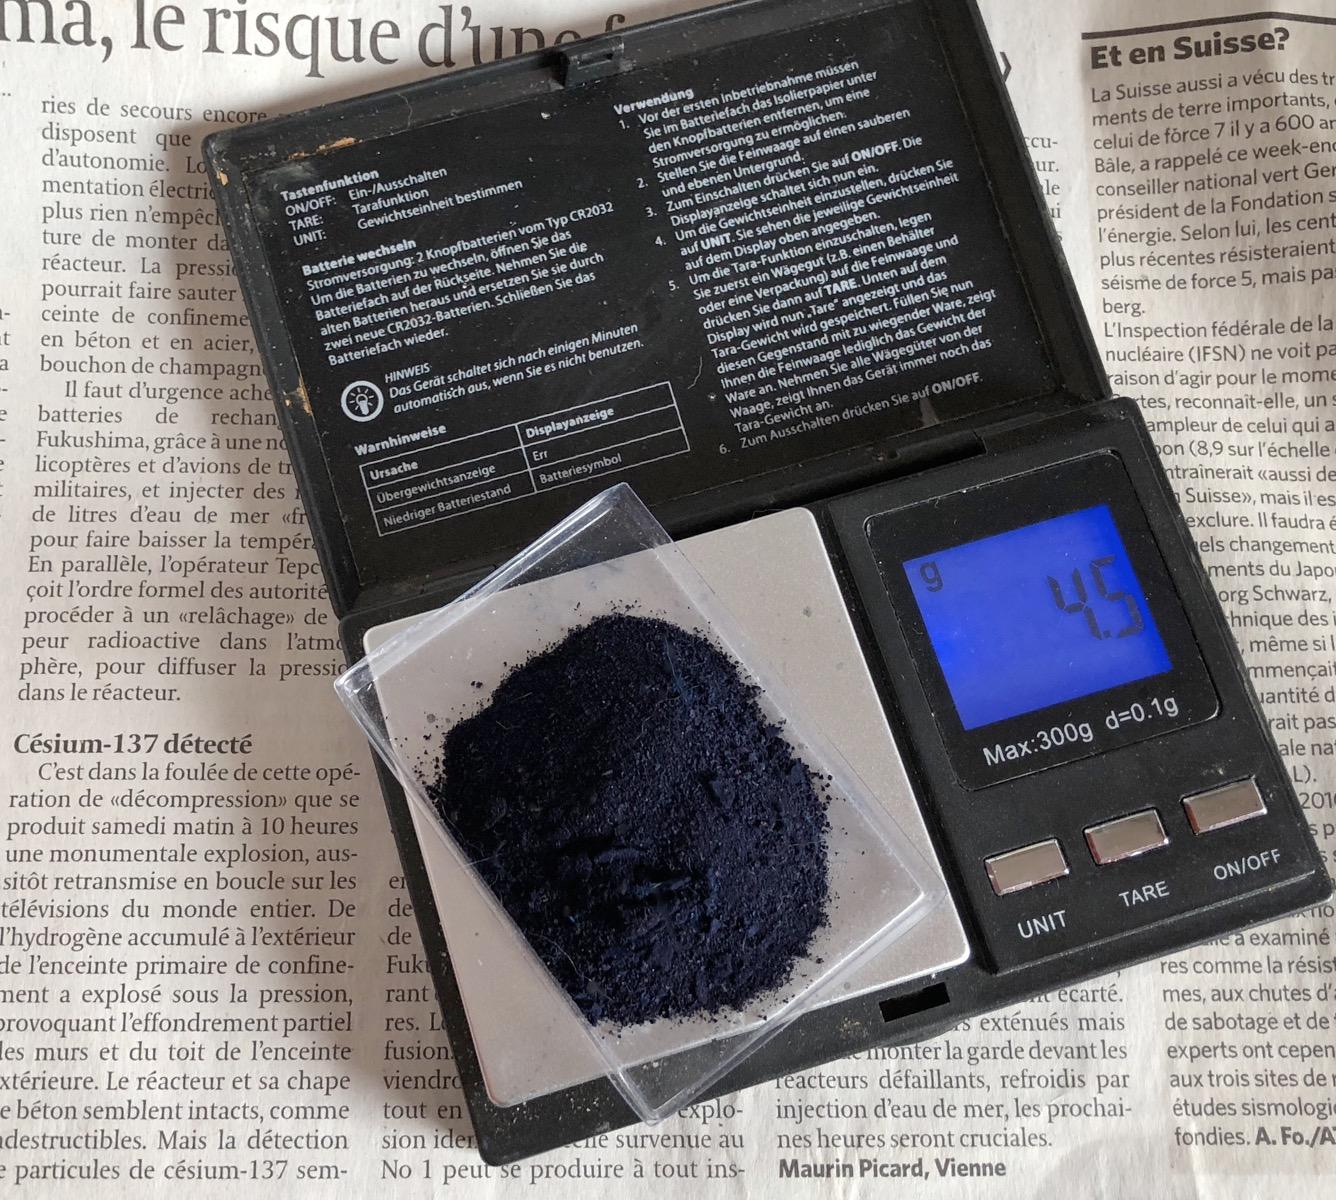 [Stock + Fabrication] Bleu de Prusse (risque nucléaire) Césium et comprimés - Page 2 Captu246